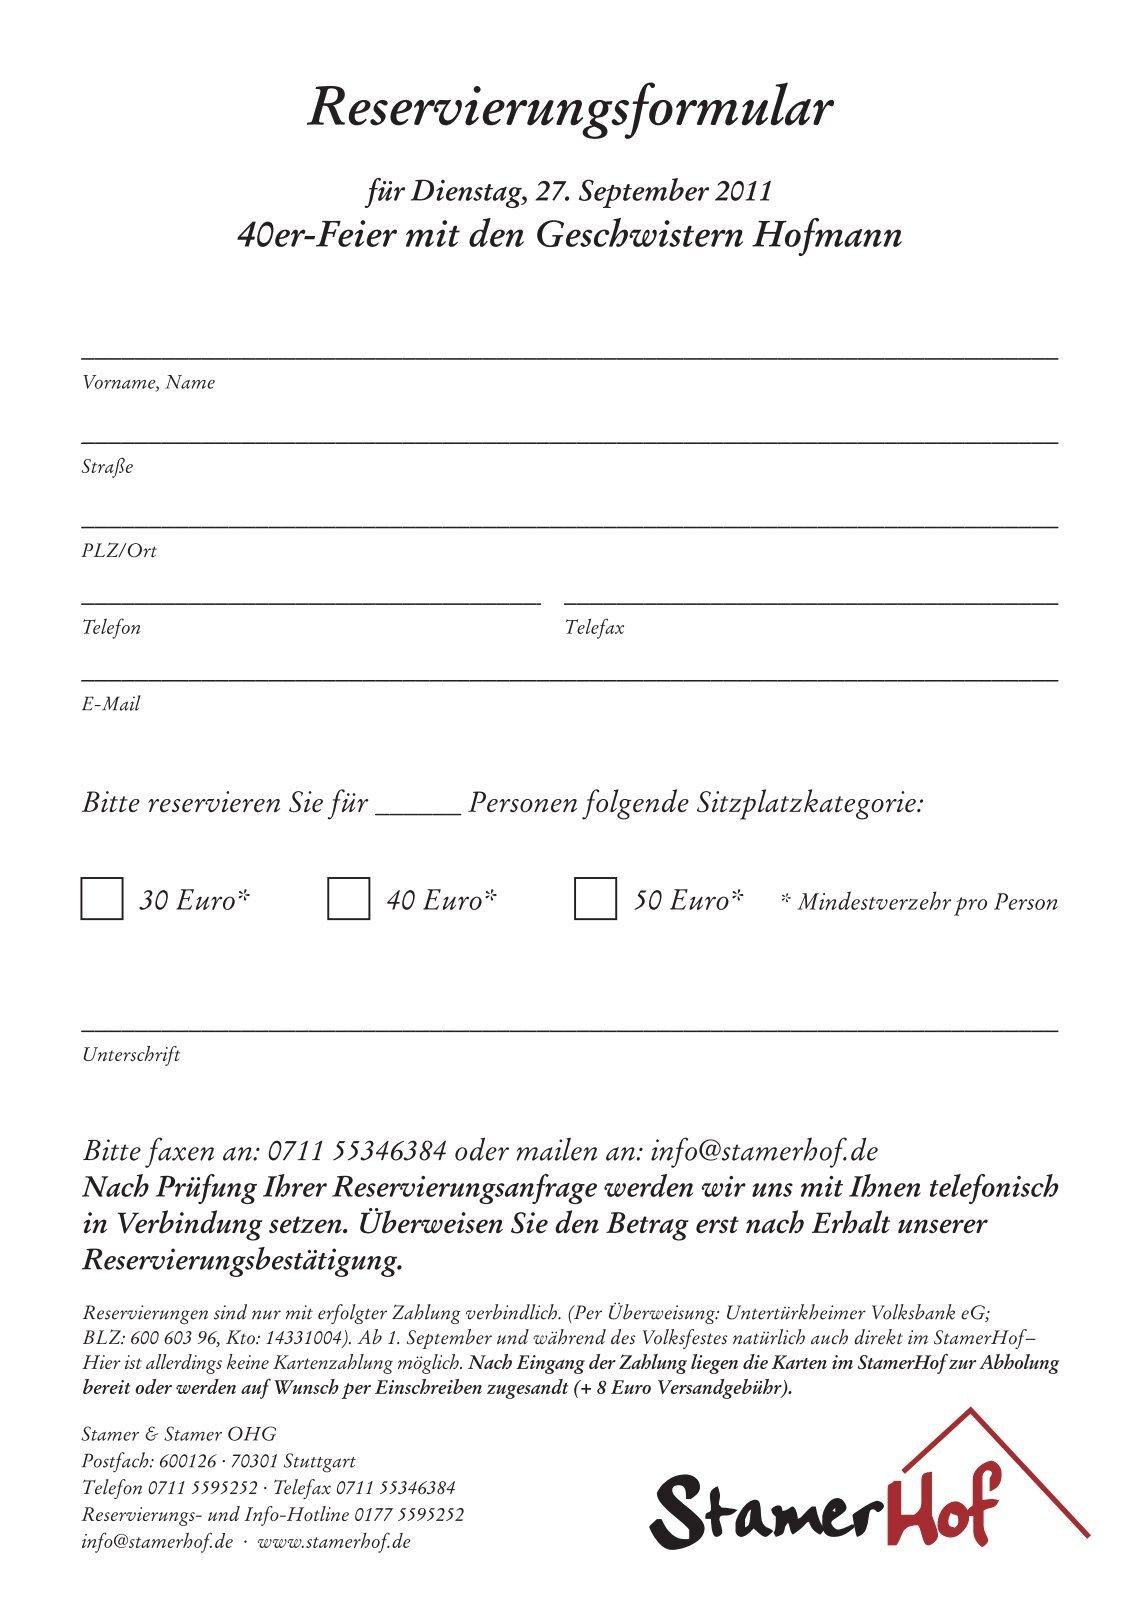 Charmant Schauspieler Einwilligungs Ideen - FORTSETZUNG ARBEITSBLATT ...